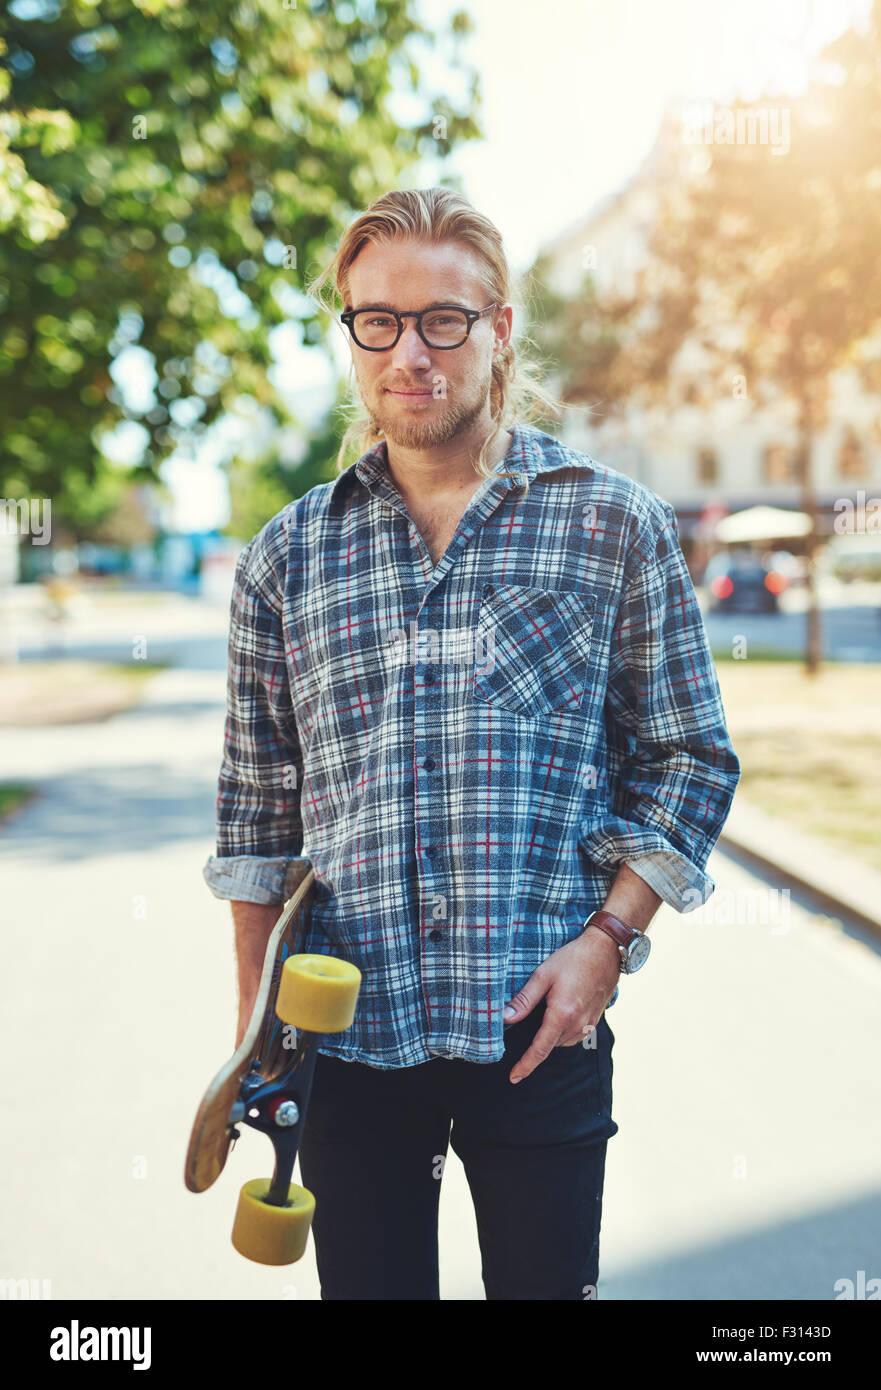 Ritratto di giovane uomo con i capelli lunghi e i bicchieri che trasportano uno skateboard Immagini Stock